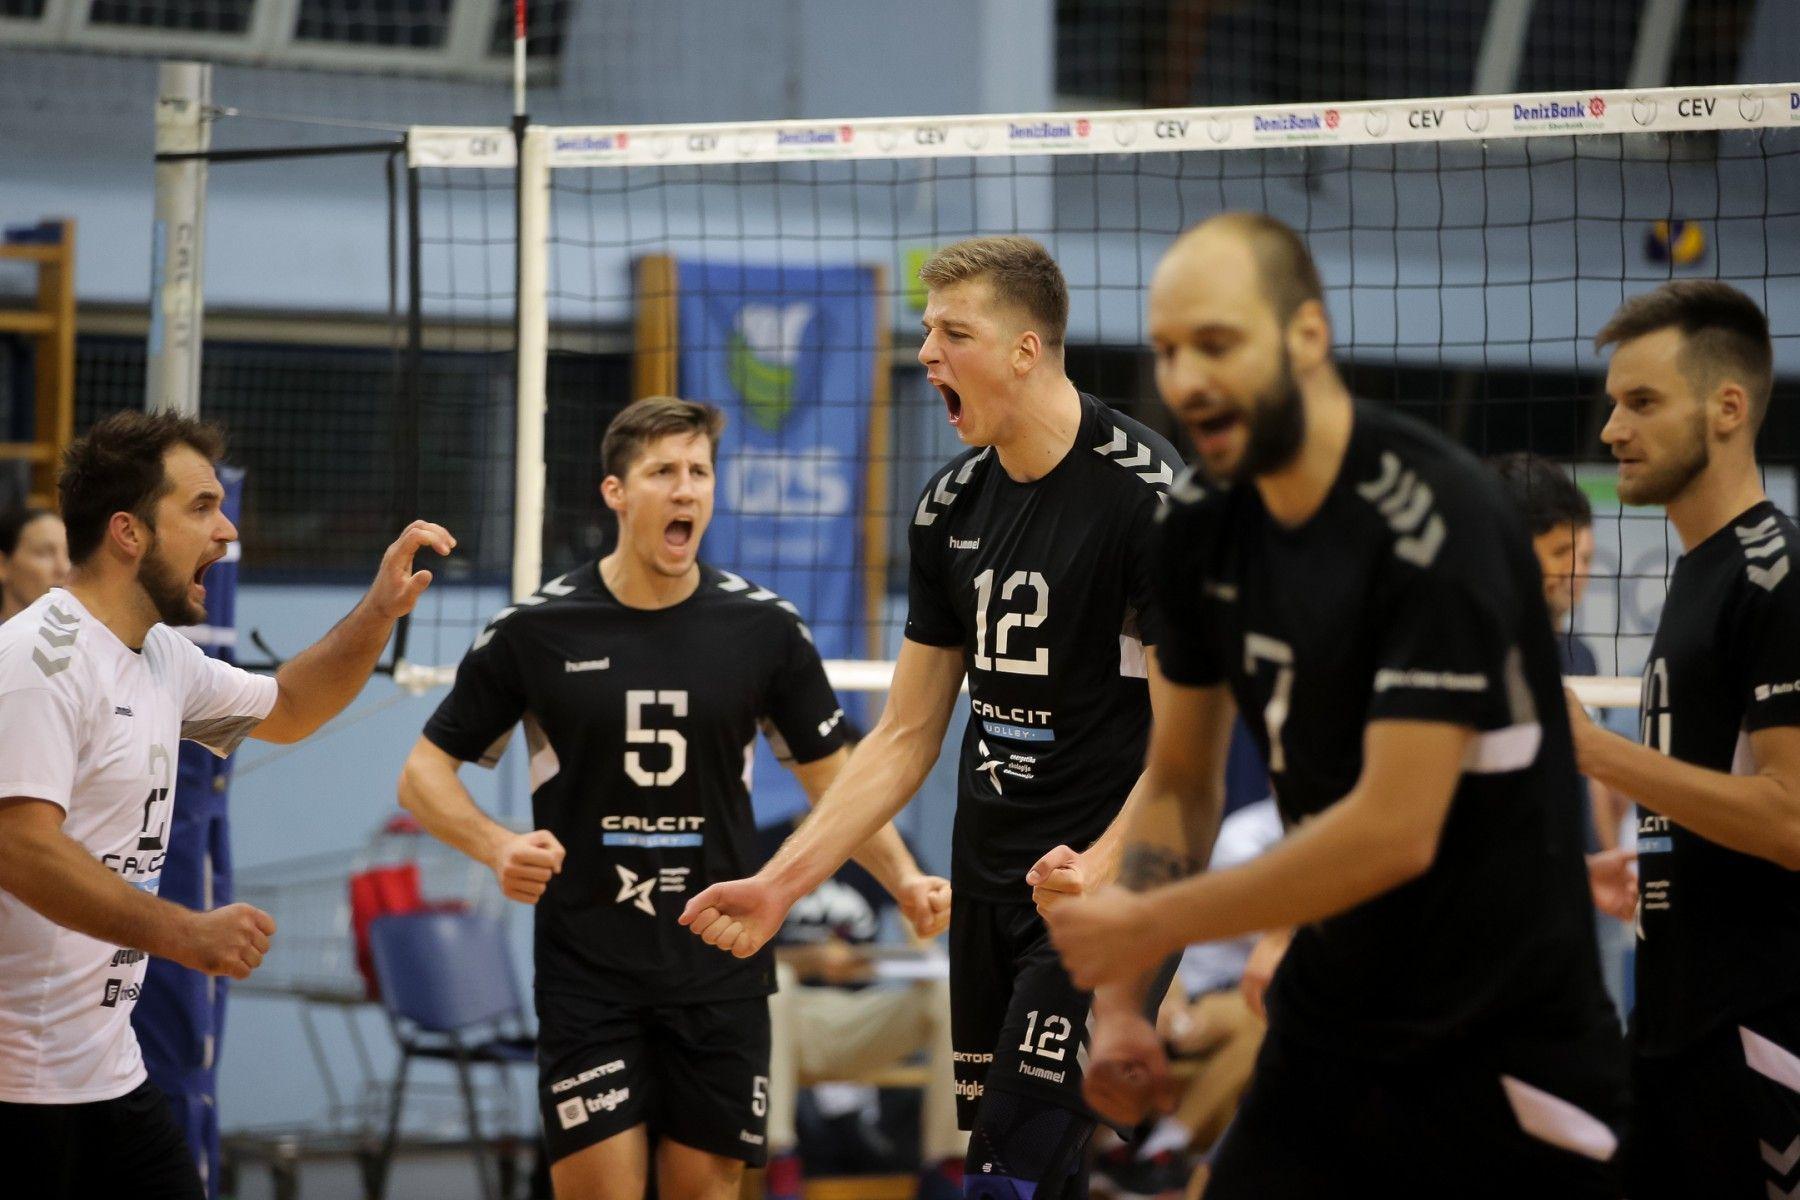 Klemen Brumec/Gen-i Volley